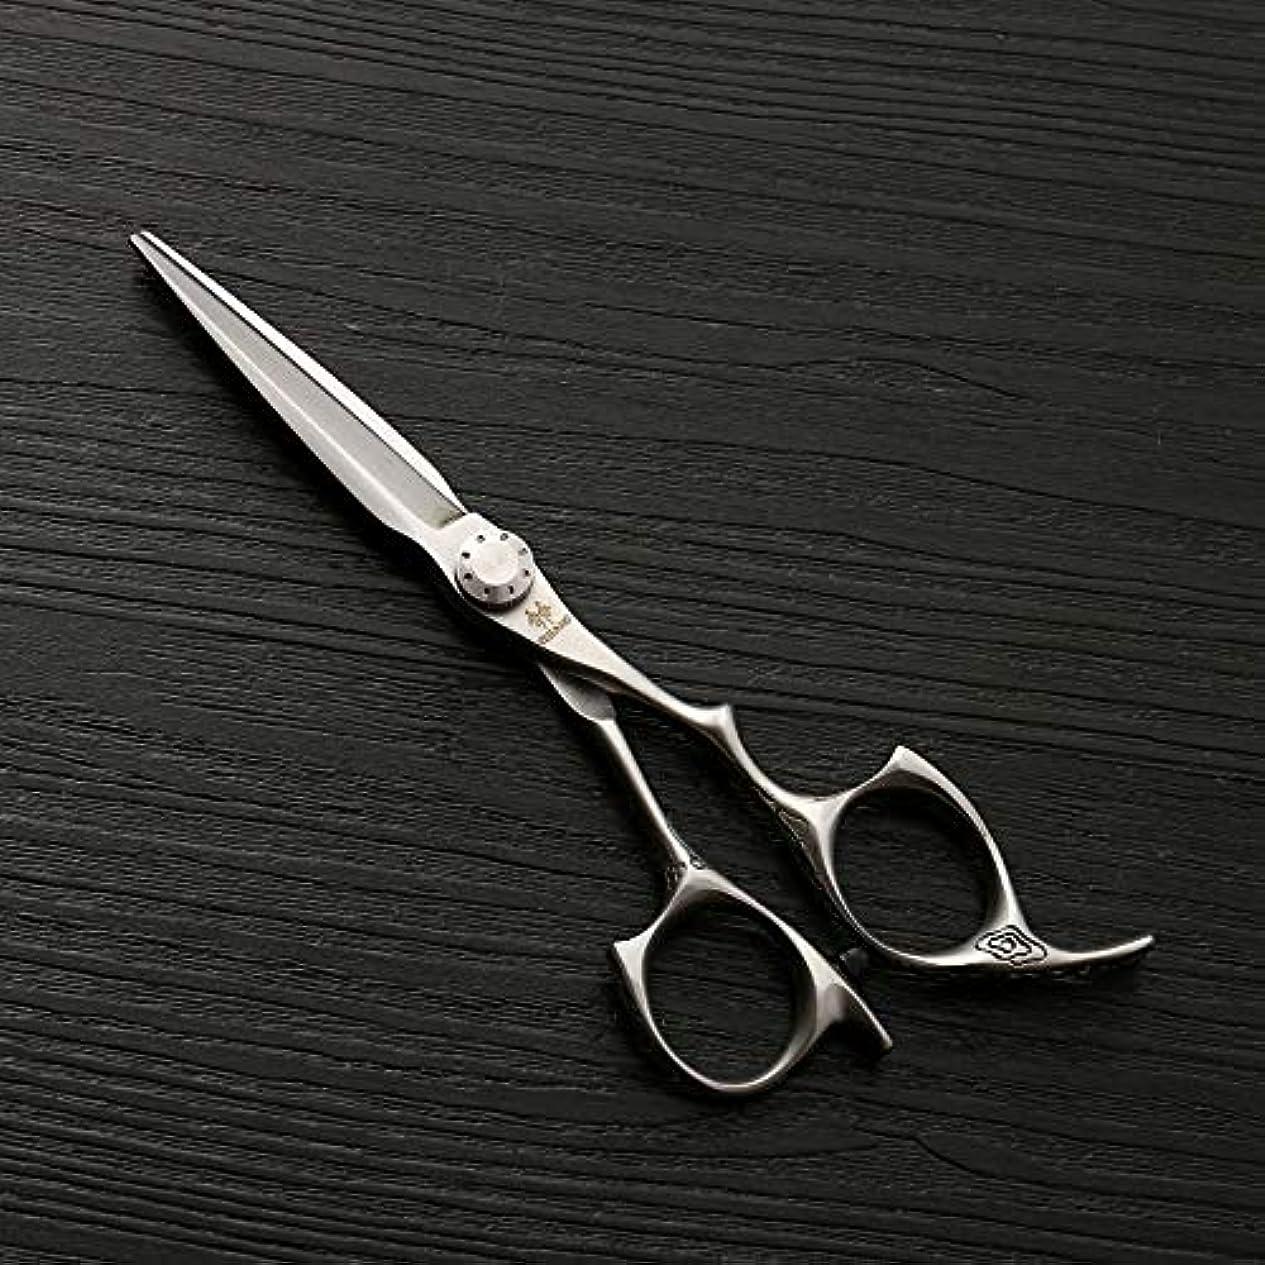 はげ異なる運賃5.5インチステンレス鋼プロフェッショナルフラットせん断、新しいバリカン、ヘアスタイリスト理髪はさみ ヘアケア (色 : Silver)